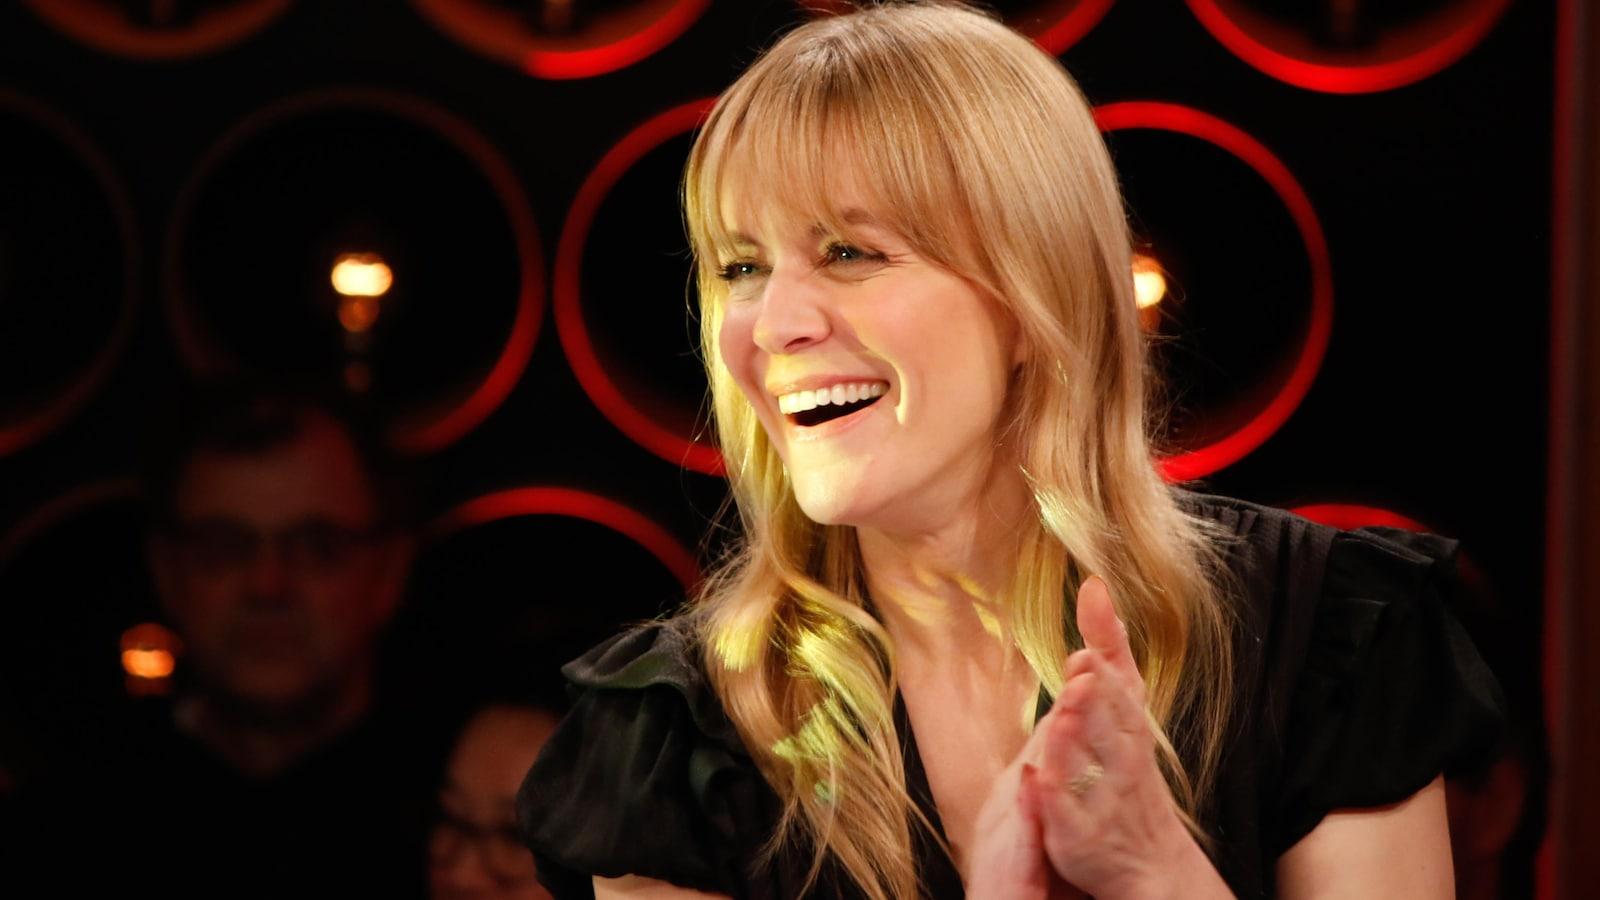 La chanteuse Véronic DiCaire sur le plateau de l'émission Les échangistes